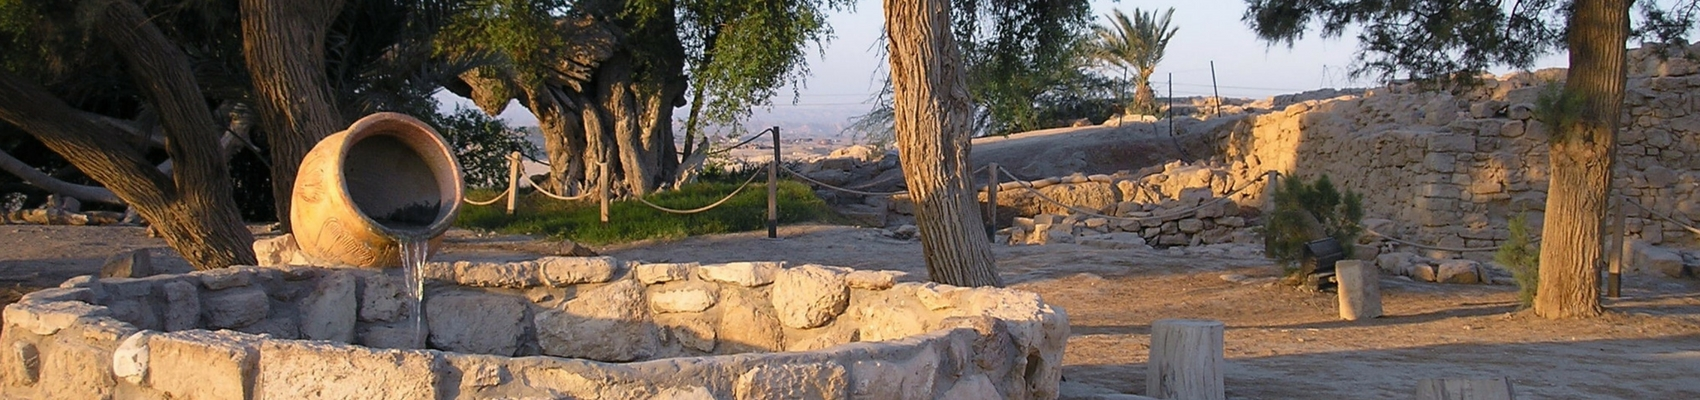 ein hatzeva spring israel